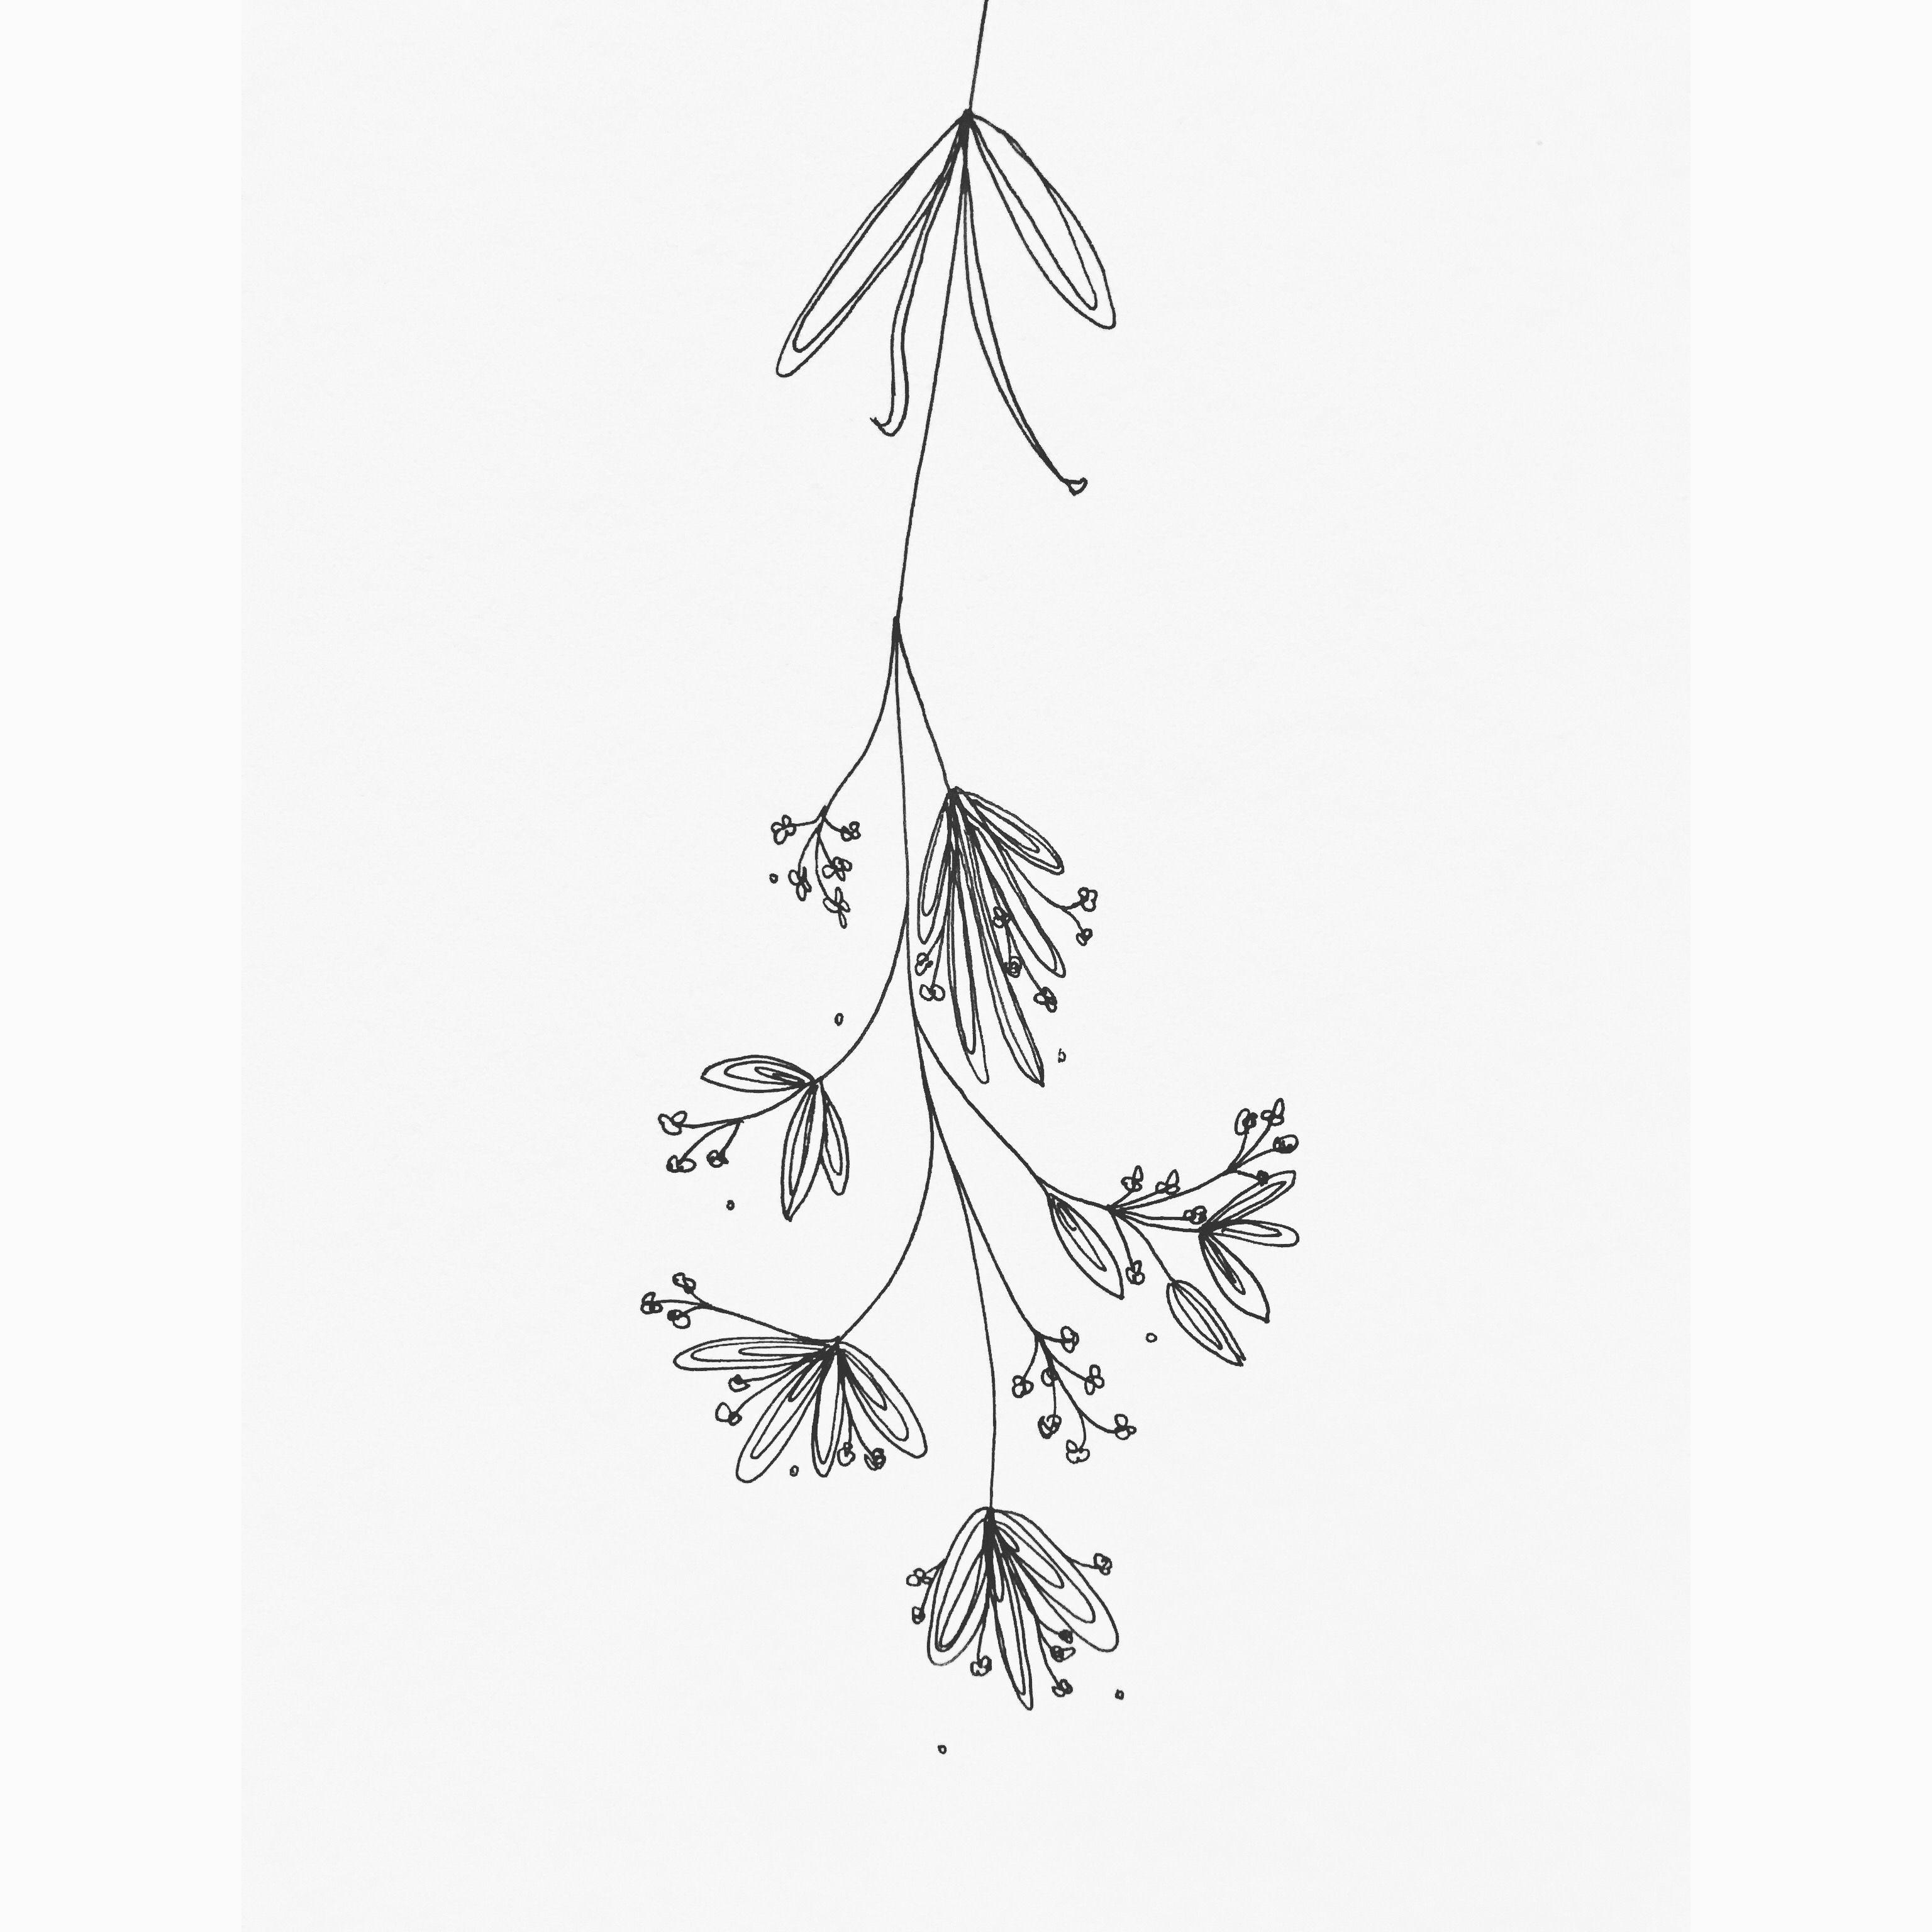 Simple mistletoe drawing images for Illustration minimaliste